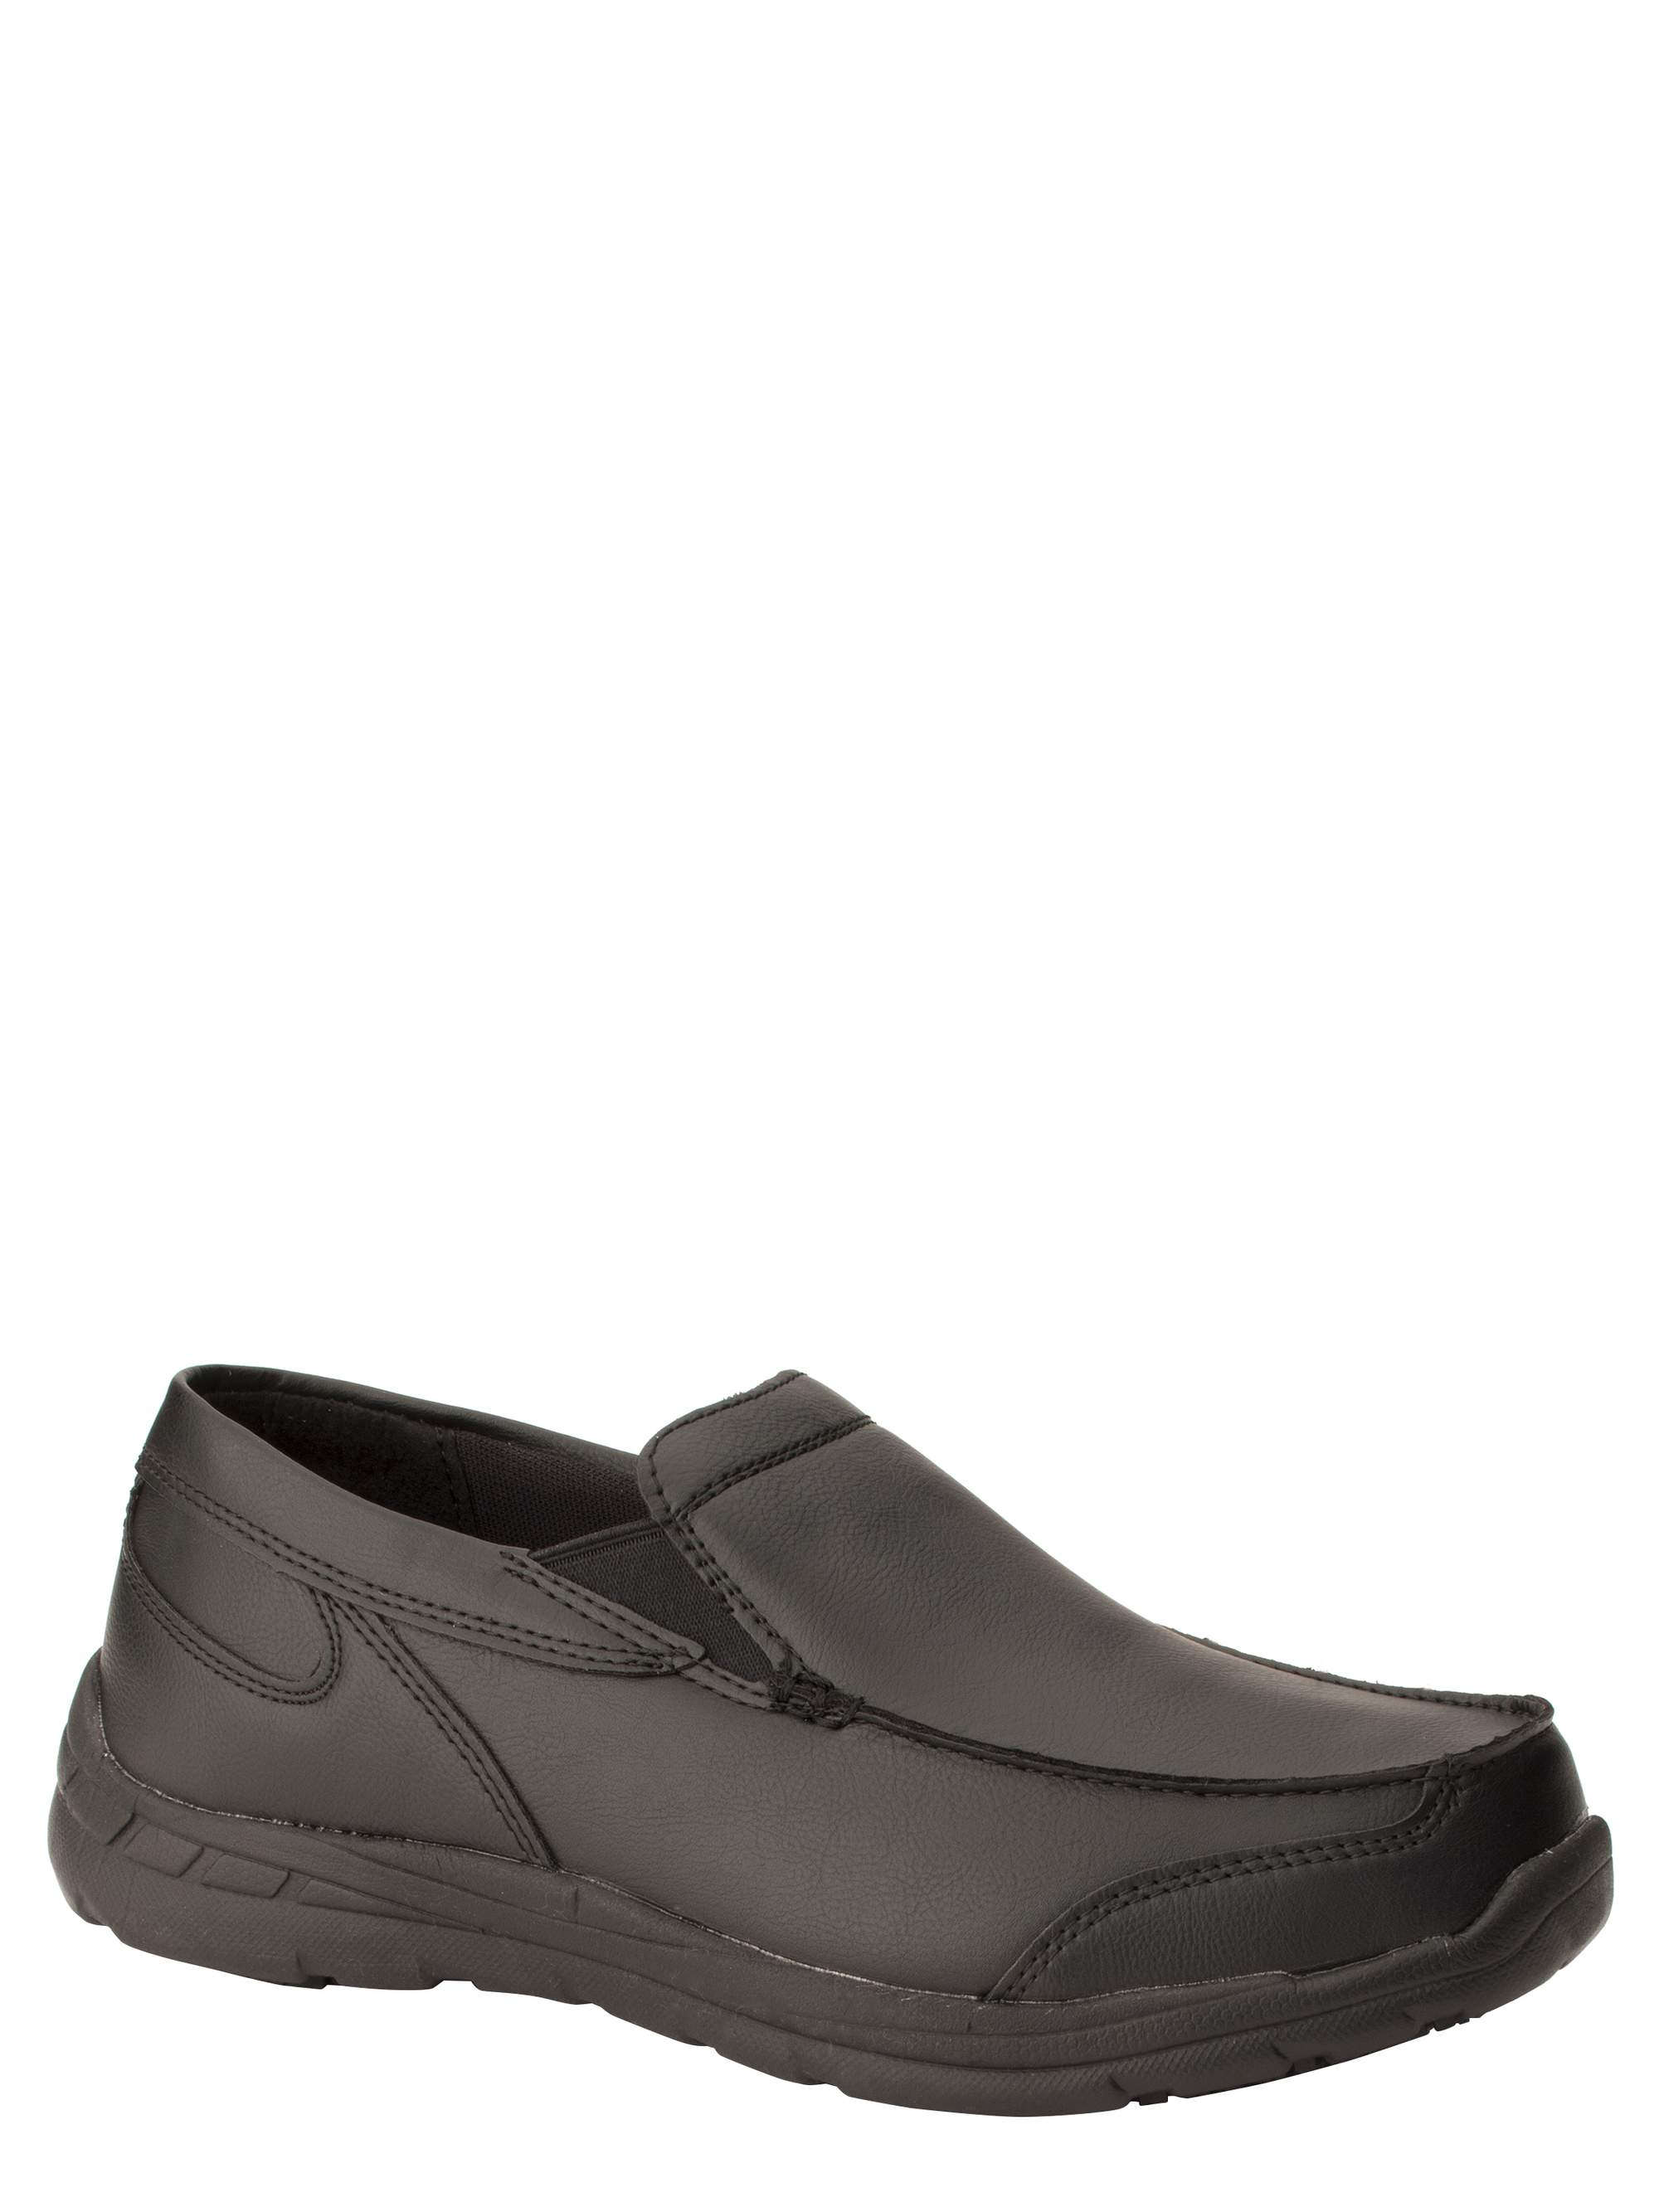 Tredsafe Men's Manon Slip-Resistant Step-In Shoe by